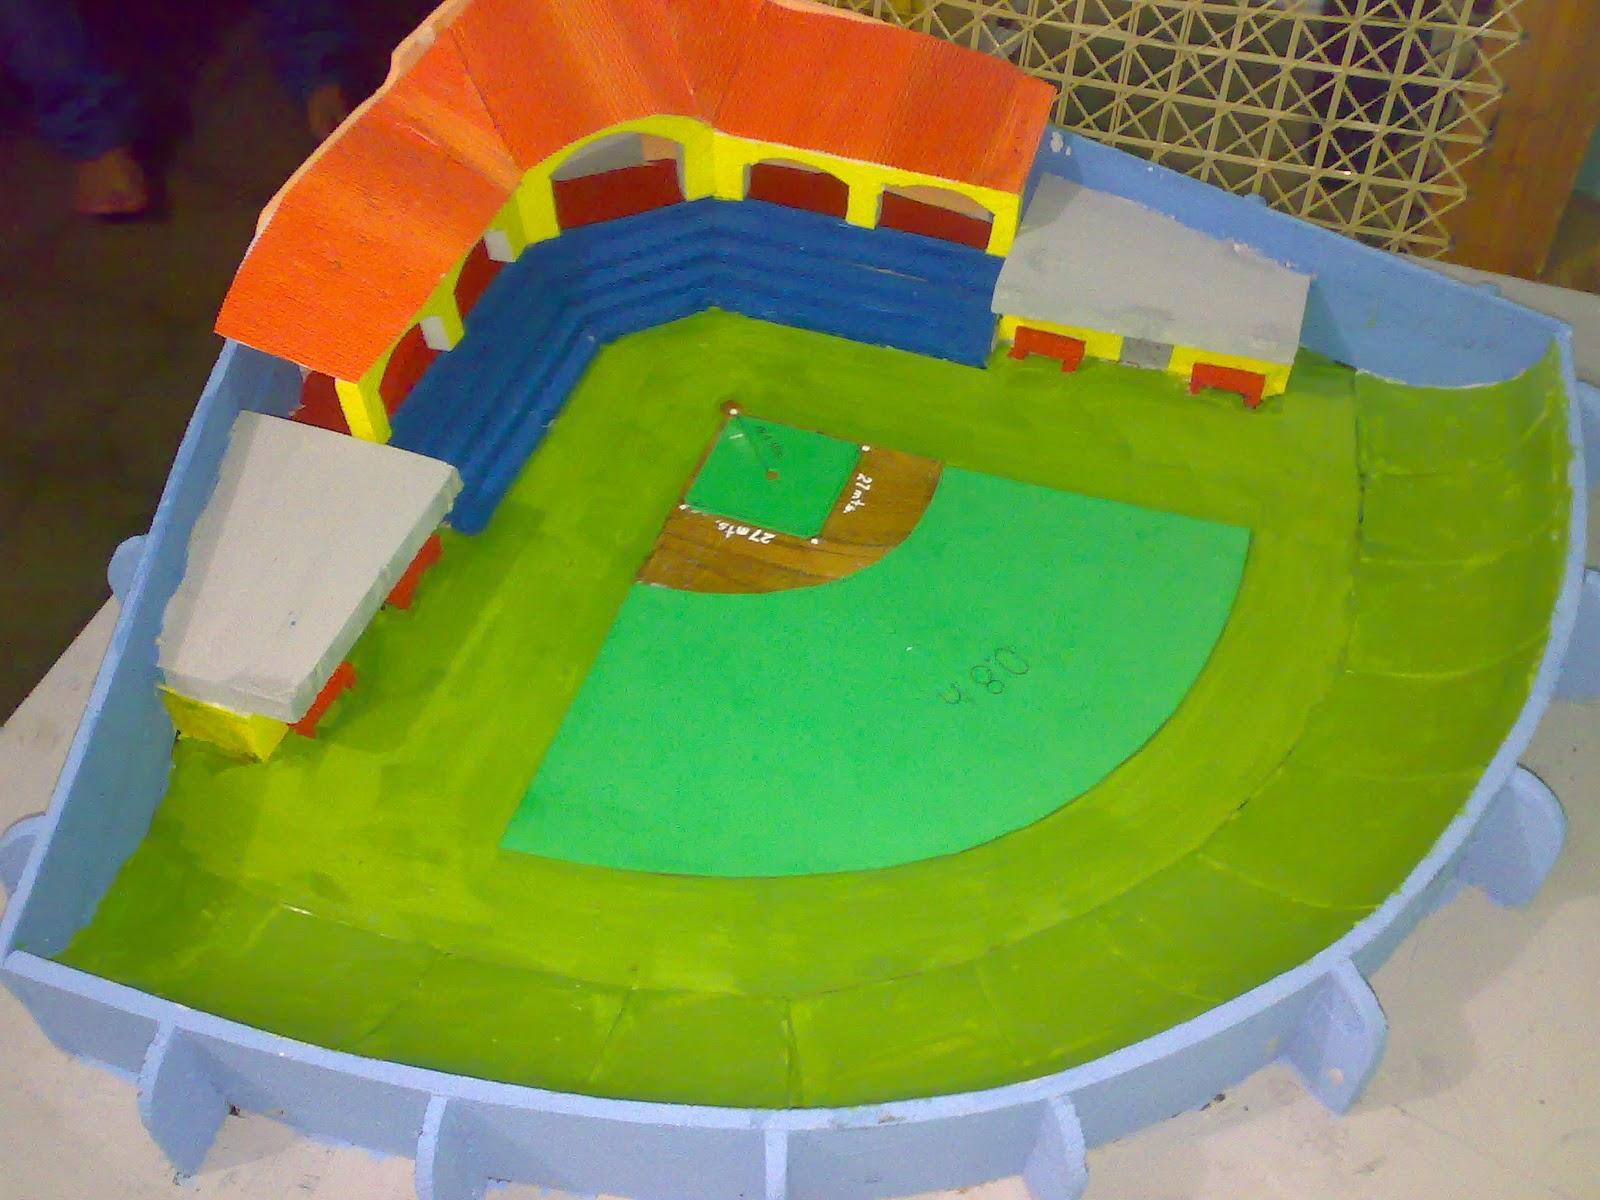 Maqueta De Una Cancha De Beisbol